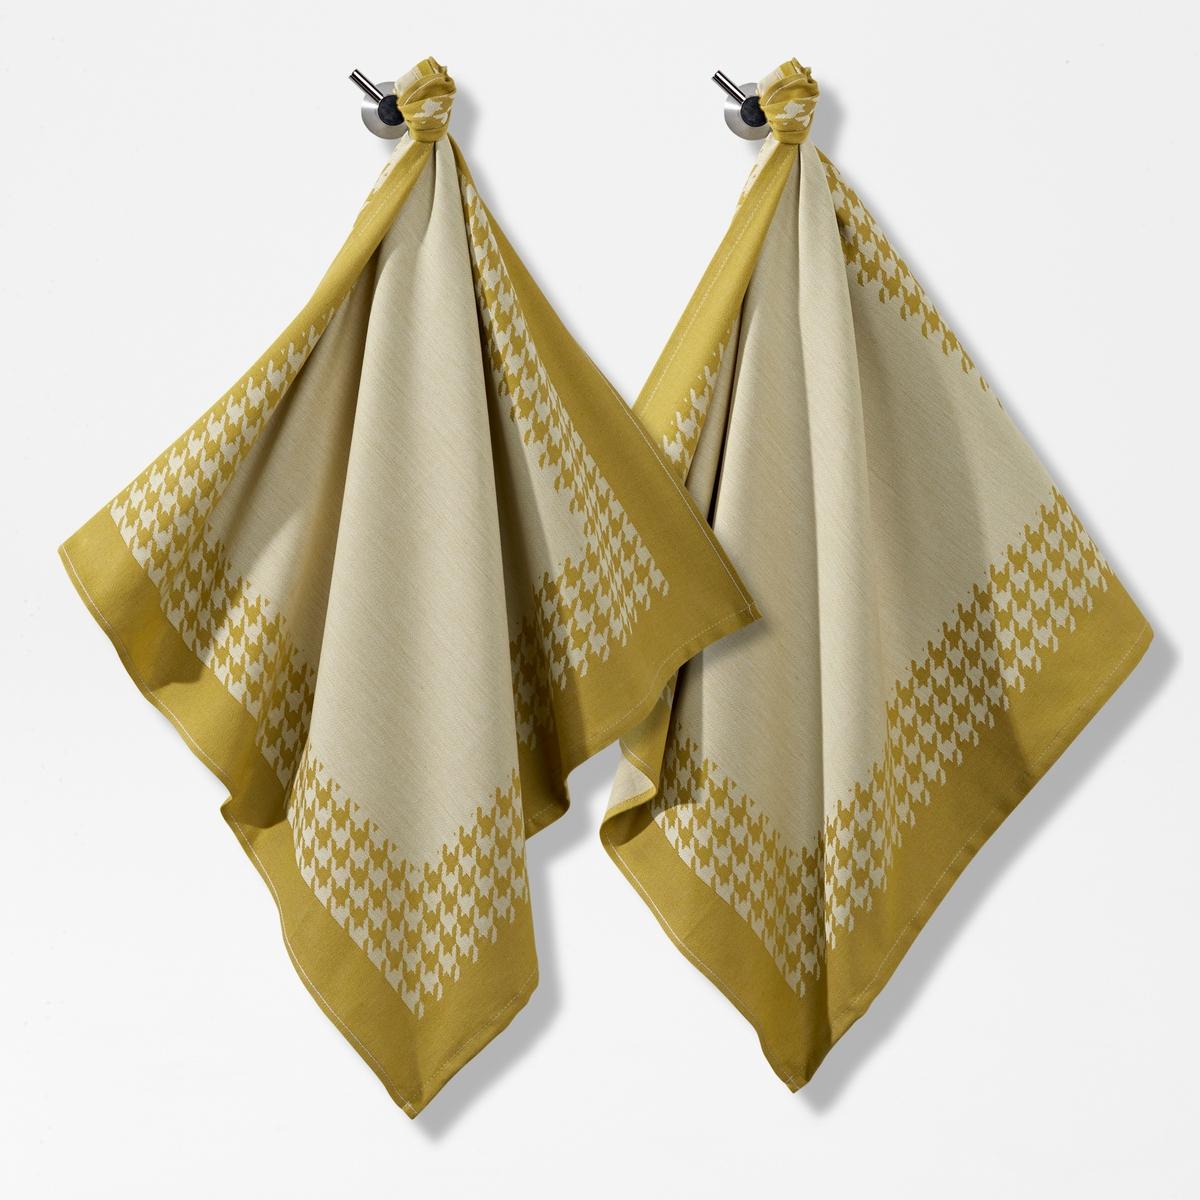 Полотенца кухонные с жаккардовым принтом гусиная лапка (комплект из 2 штук) полотенца банные la pastel комплект полотенец 2 предмета onda